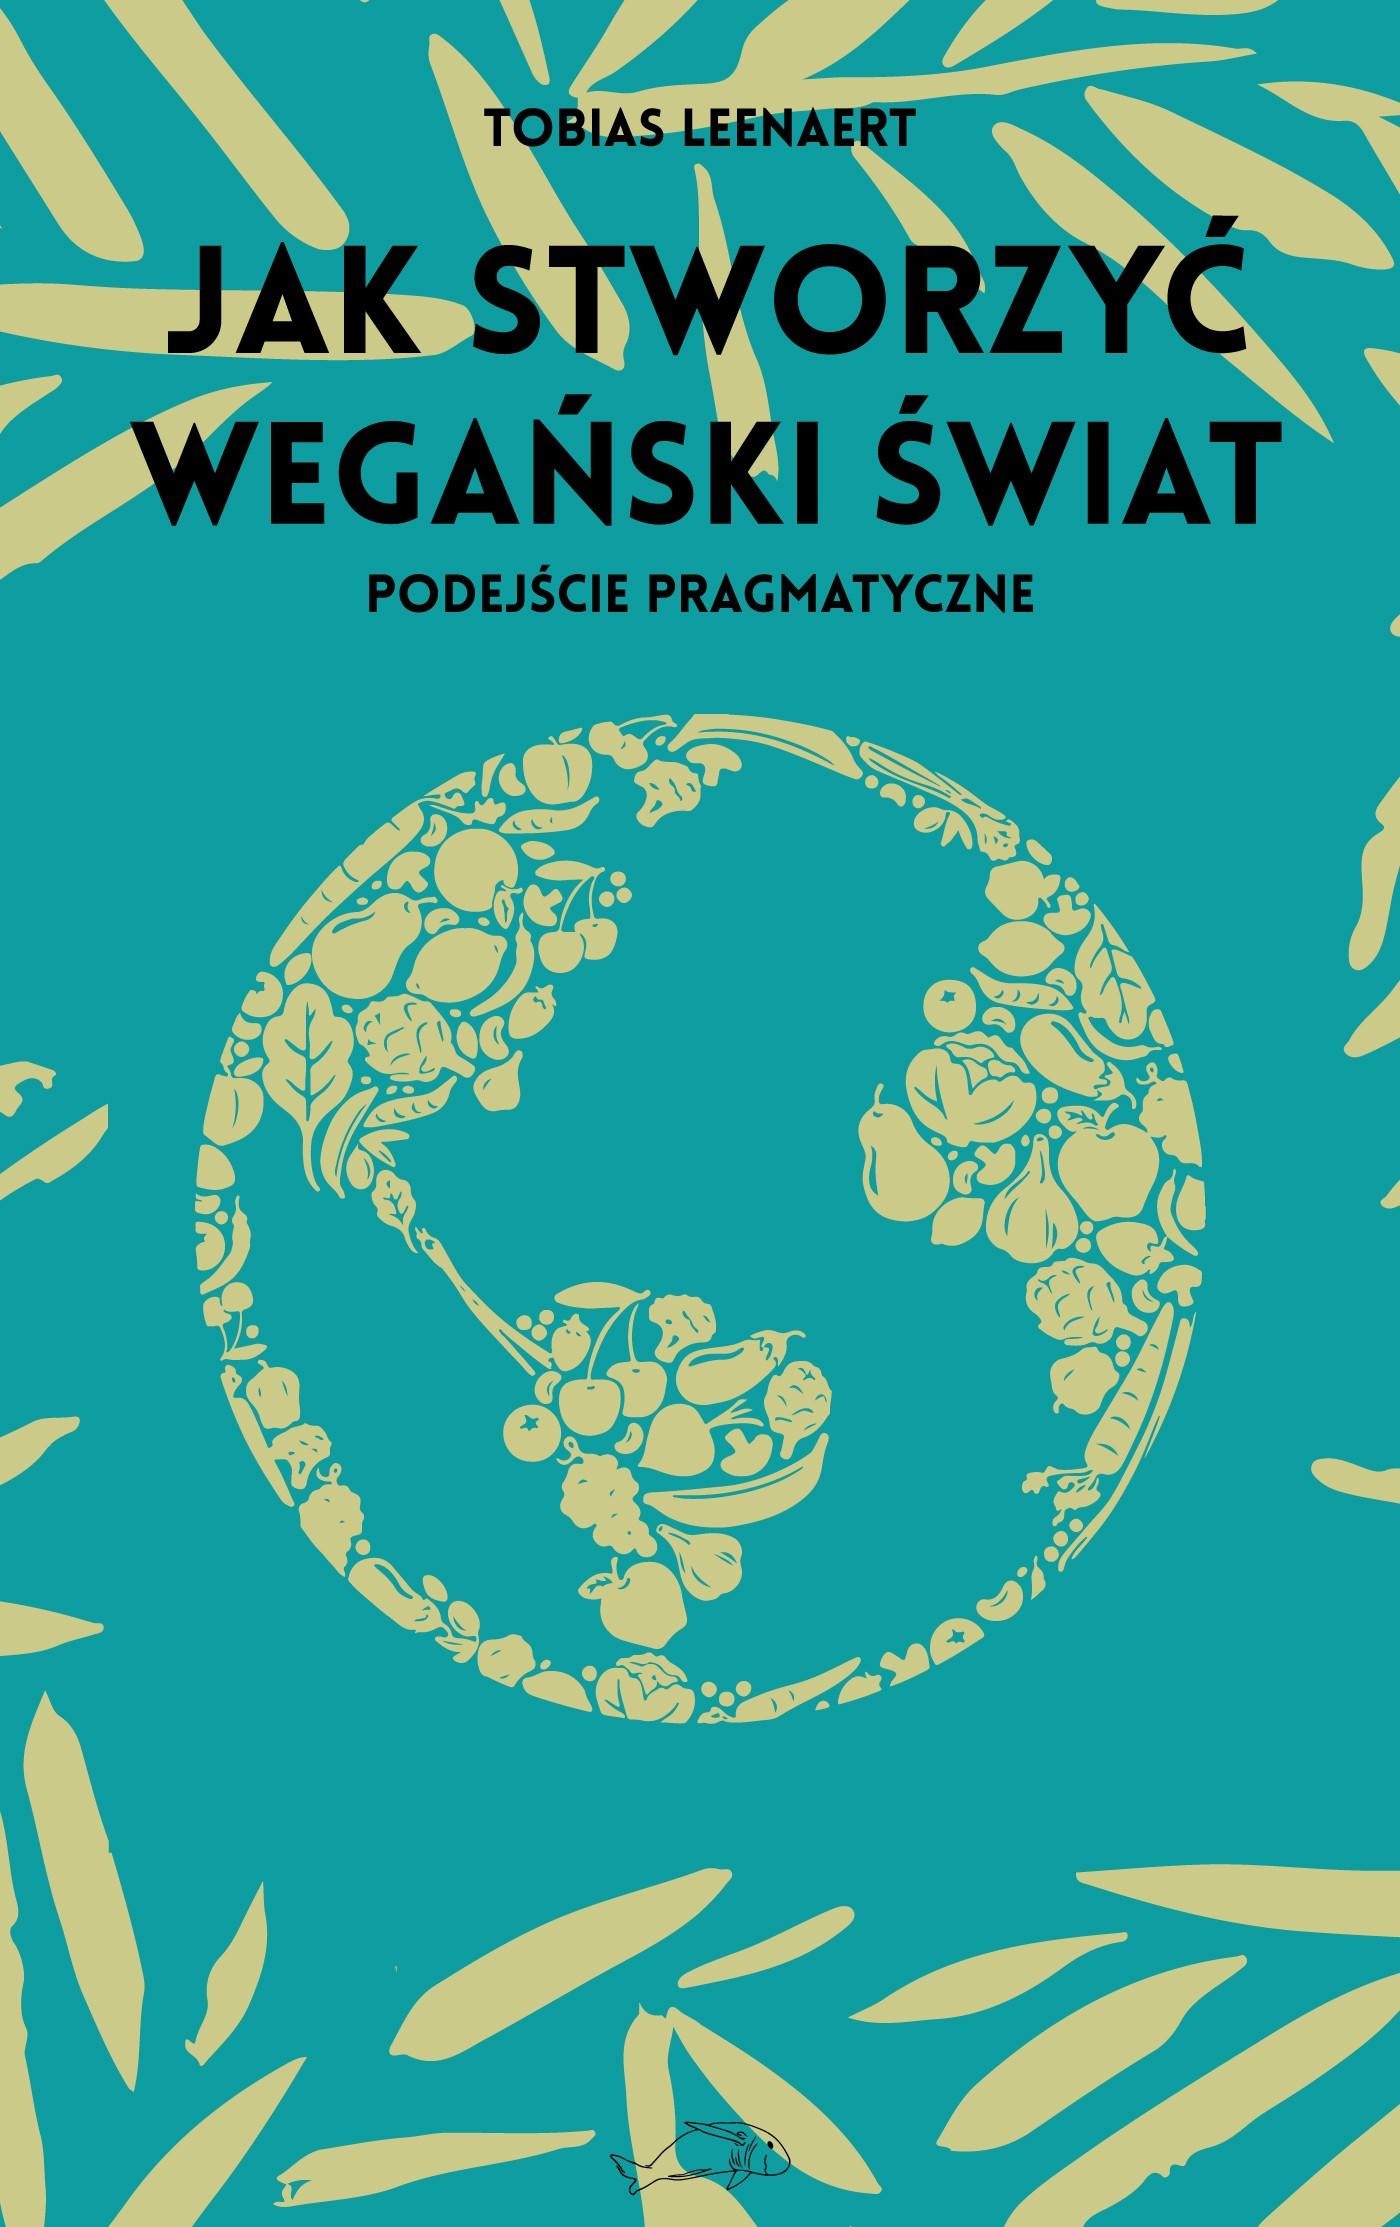 Tobias Leenaert: Jak stworzyć wegański świat. Podejście pragmatyczne